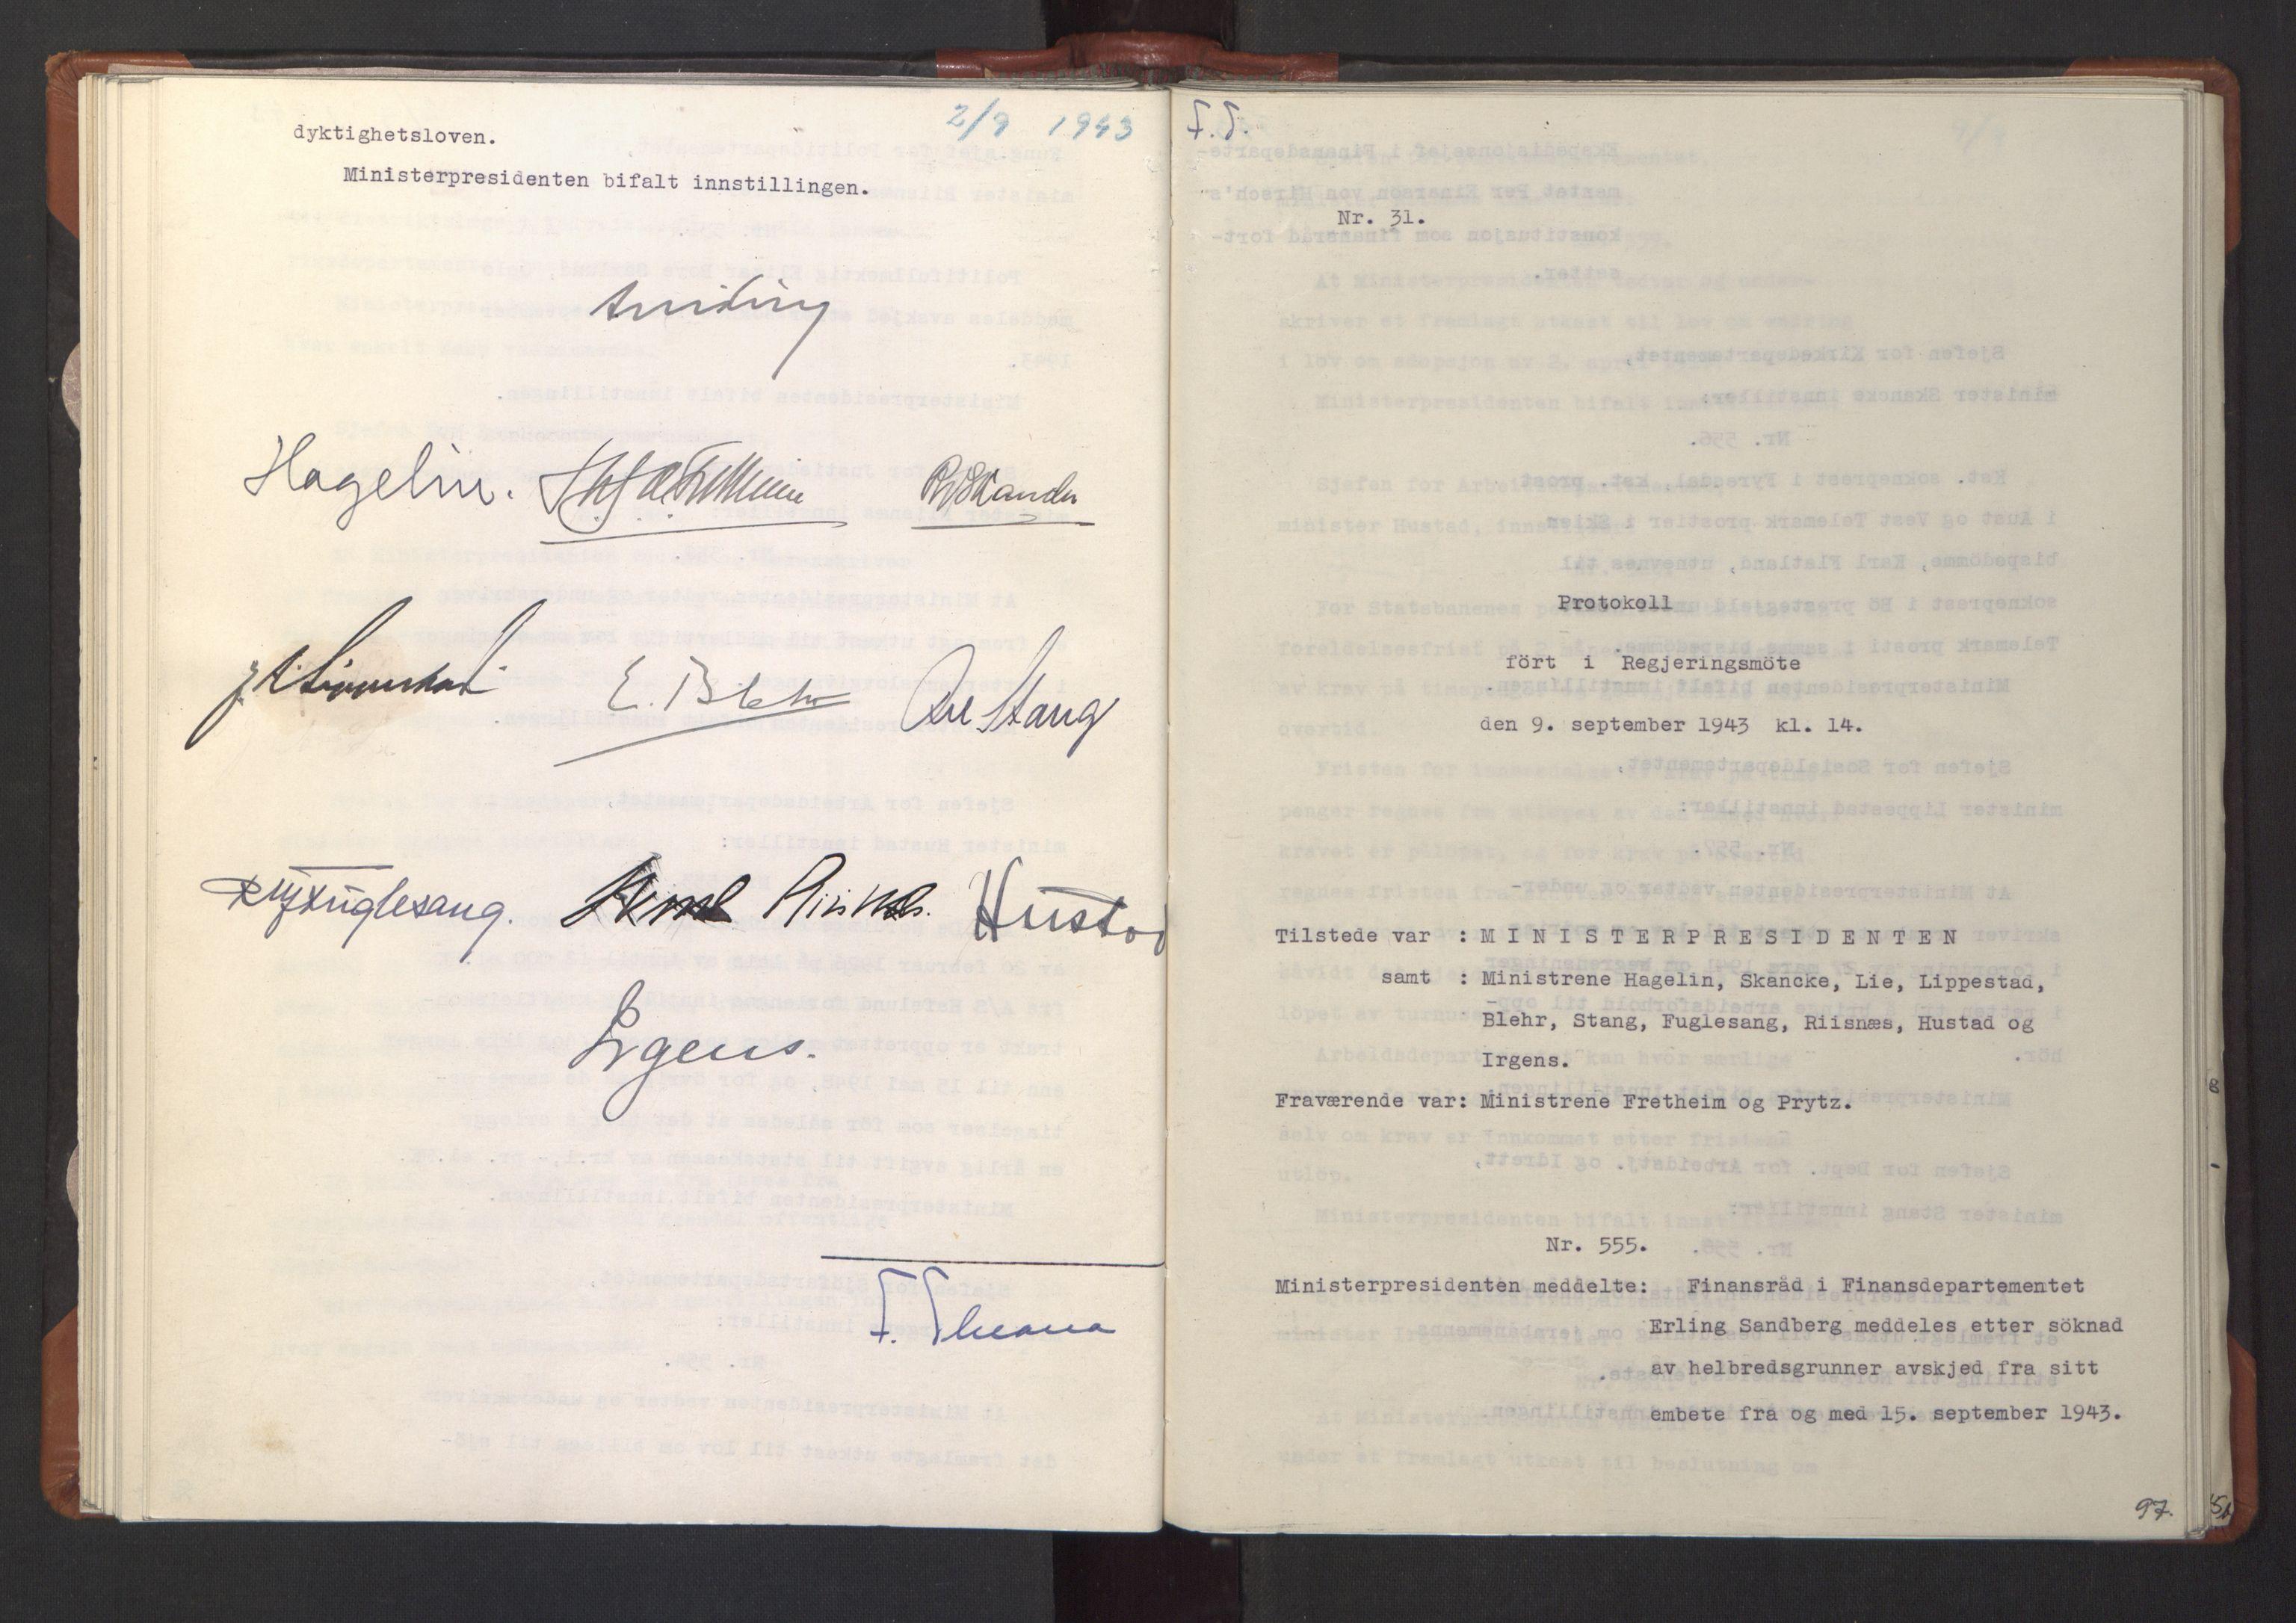 RA, NS-administrasjonen 1940-1945 (Statsrådsekretariatet, de kommisariske statsråder mm), D/Da/L0003: Vedtak (Beslutninger) nr. 1-746 og tillegg nr. 1-47 (RA. j.nr. 1394/1944, tilgangsnr. 8/1944, 1943, s. 96b-97a